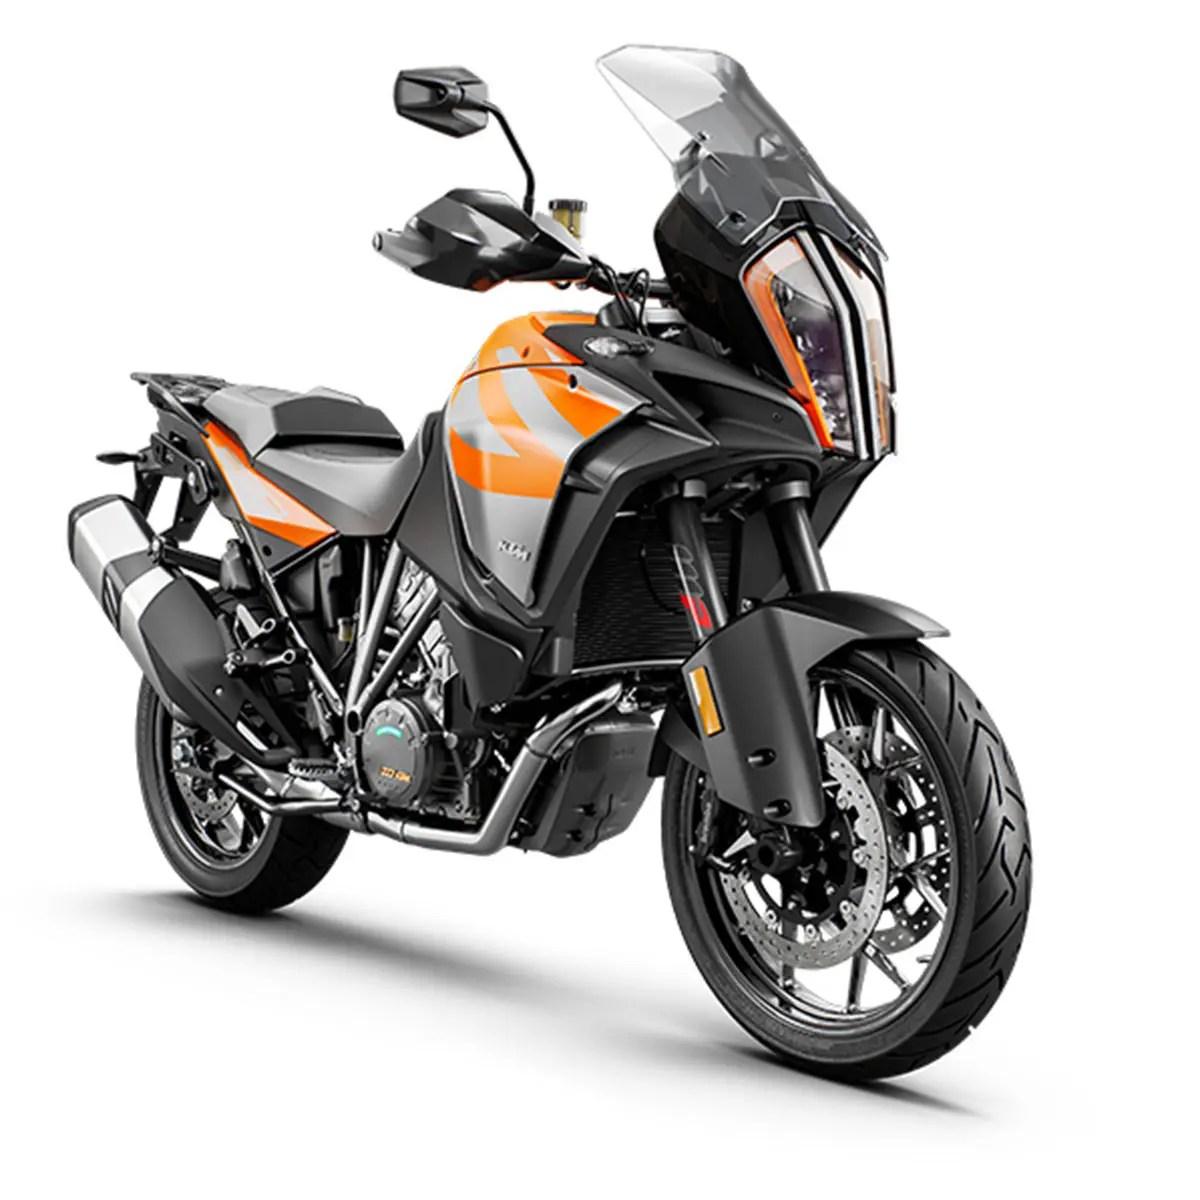 rapport-poids-puissance-KTM-1290-Super-Adventure-S-2020-ORANGE-ET-NOIR